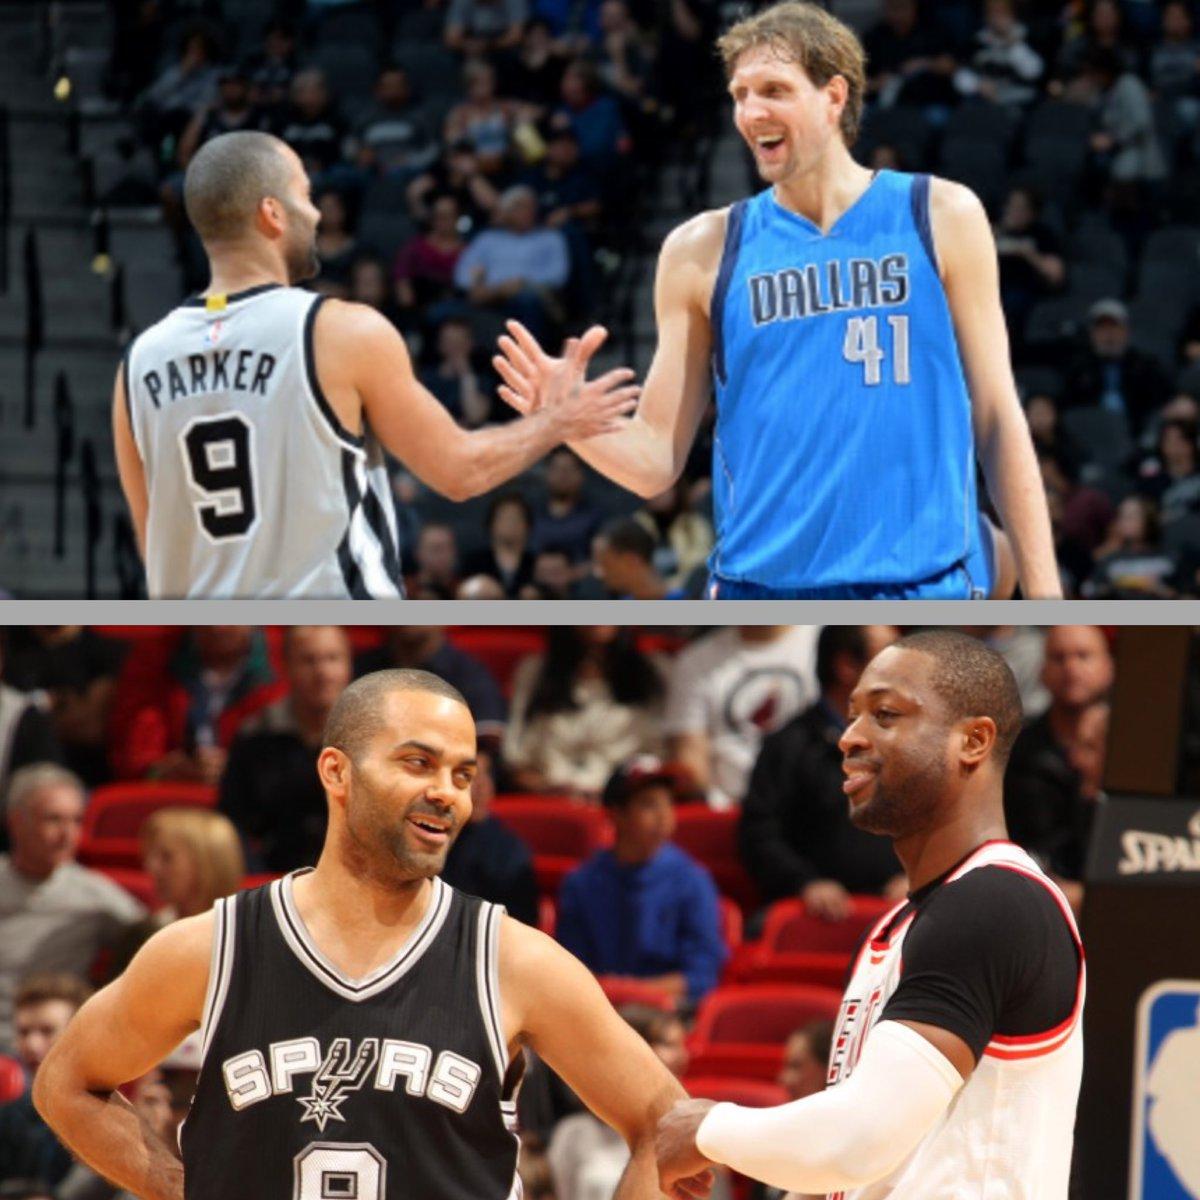 帕克祝福德克和韦德:能和你们做对手是我的荣幸 NBA新闻